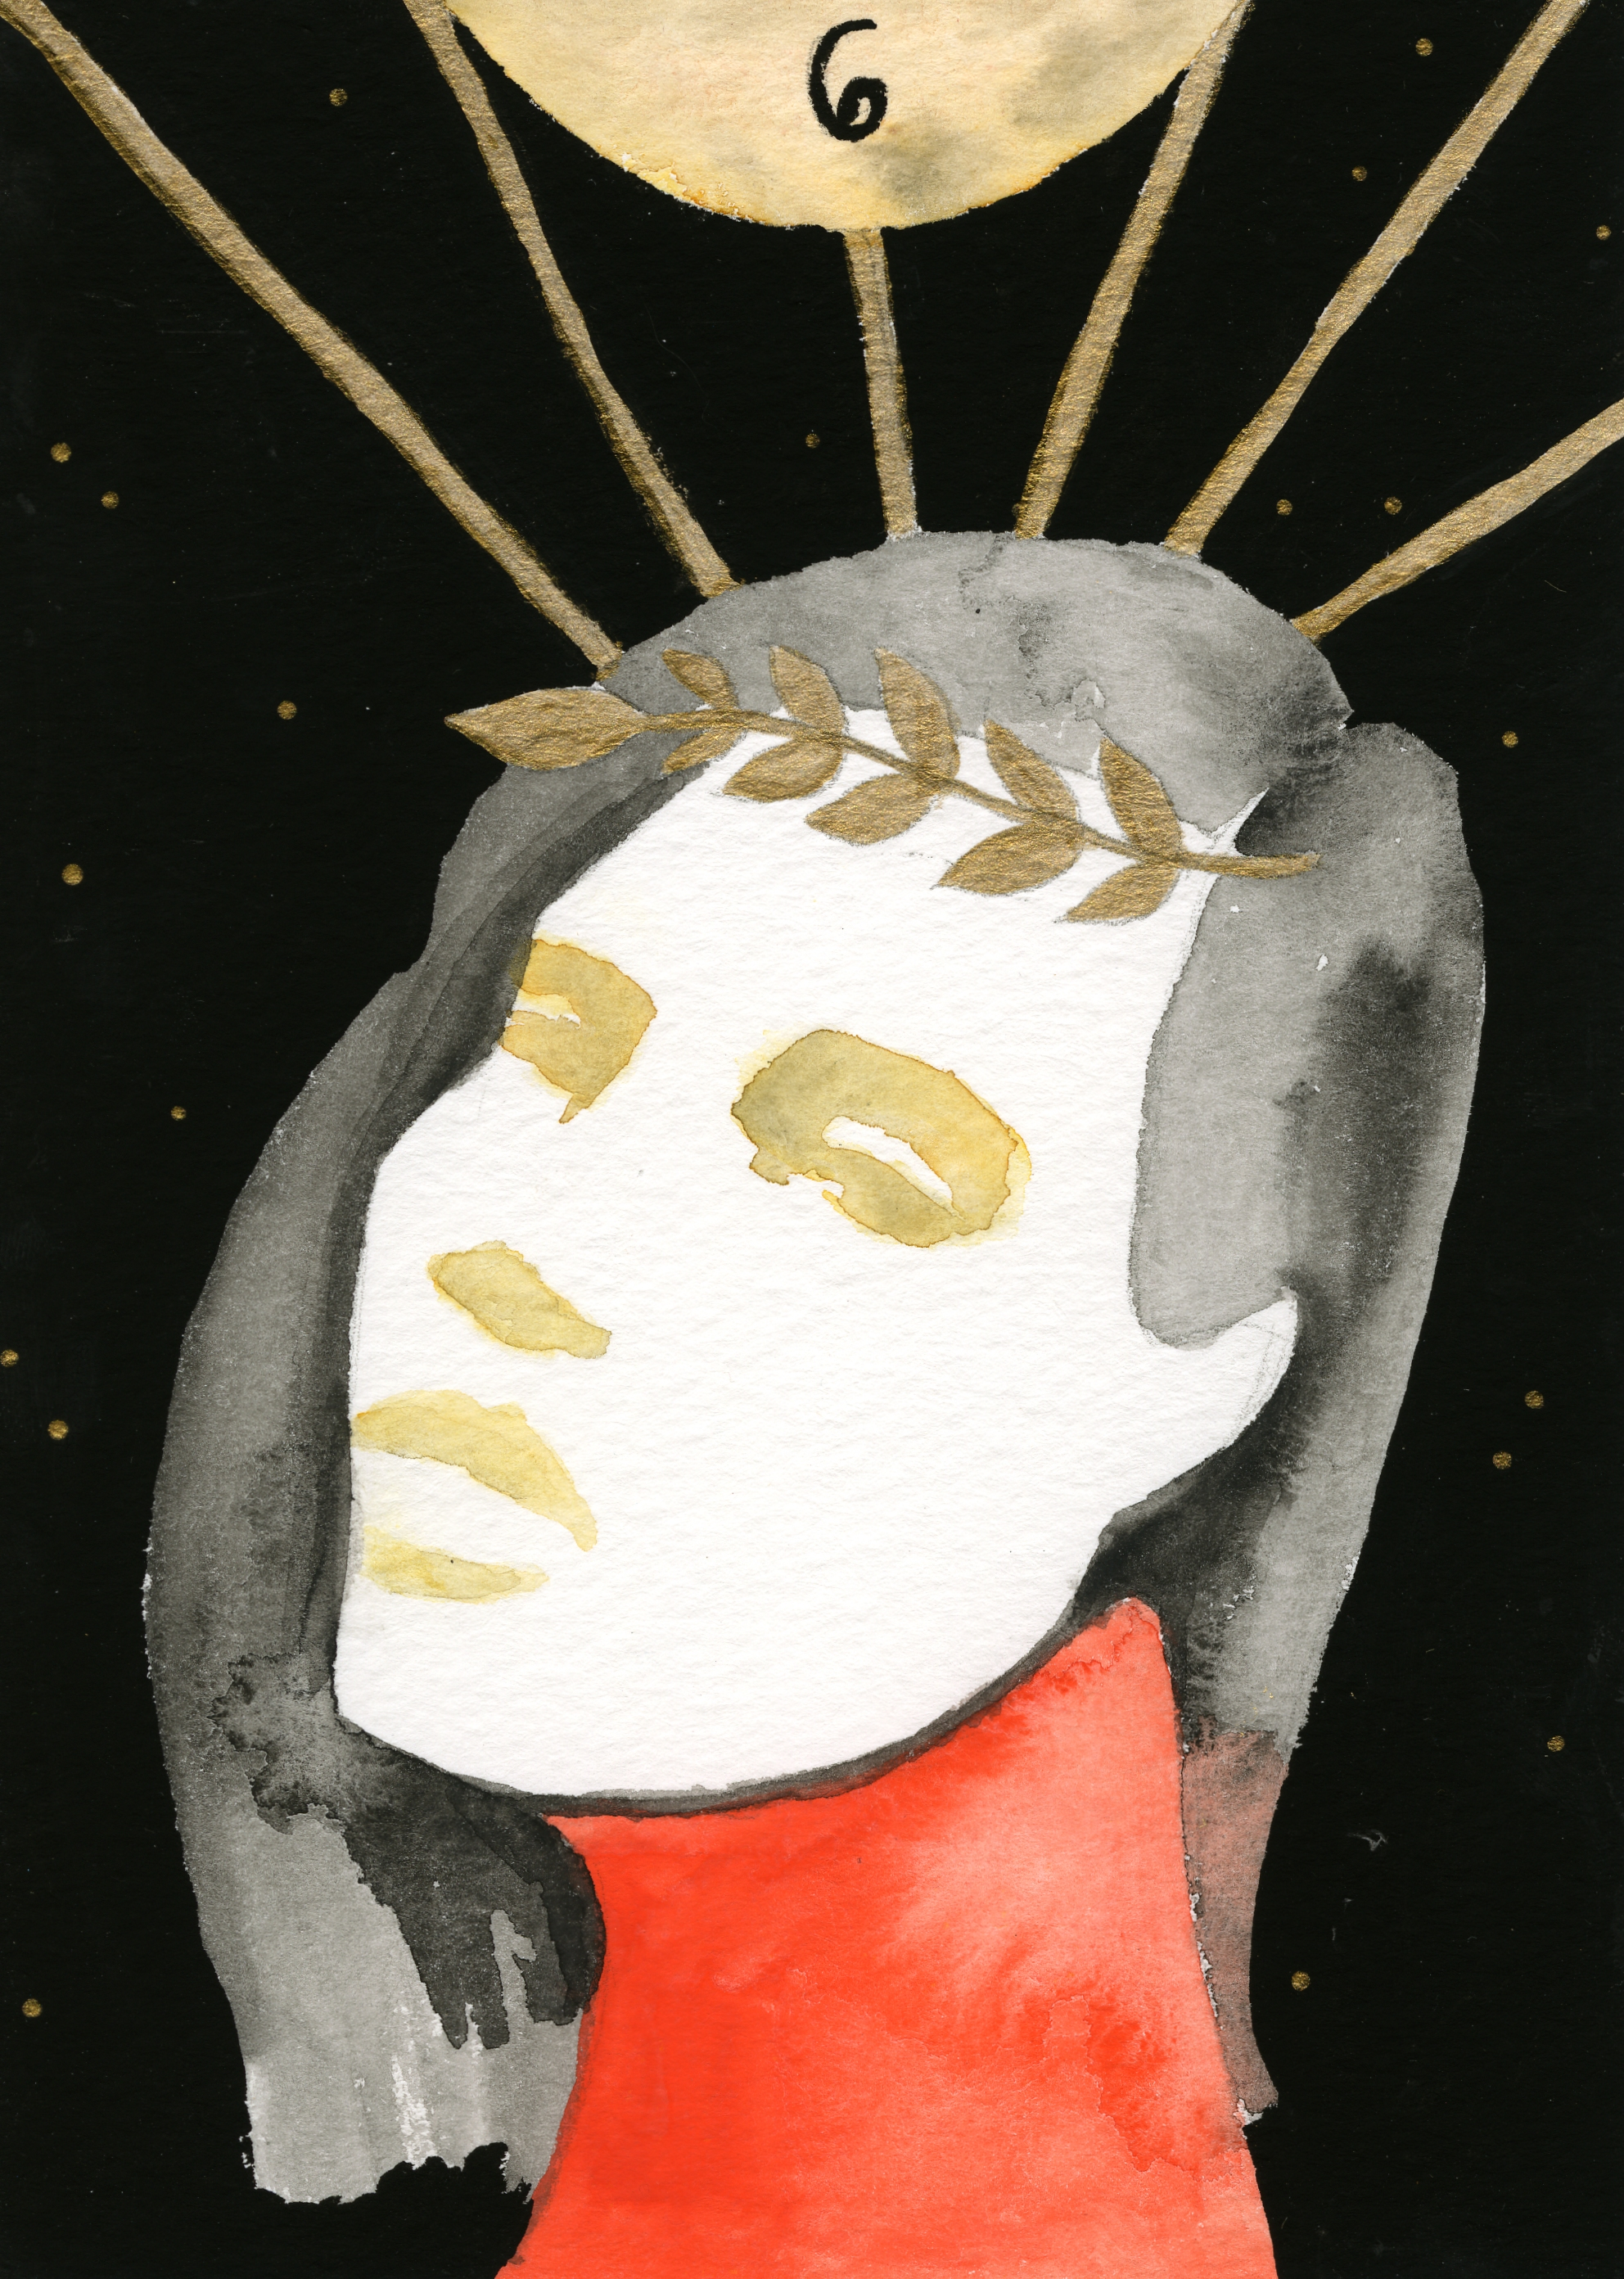 Adria Kaufman - Six of Wands